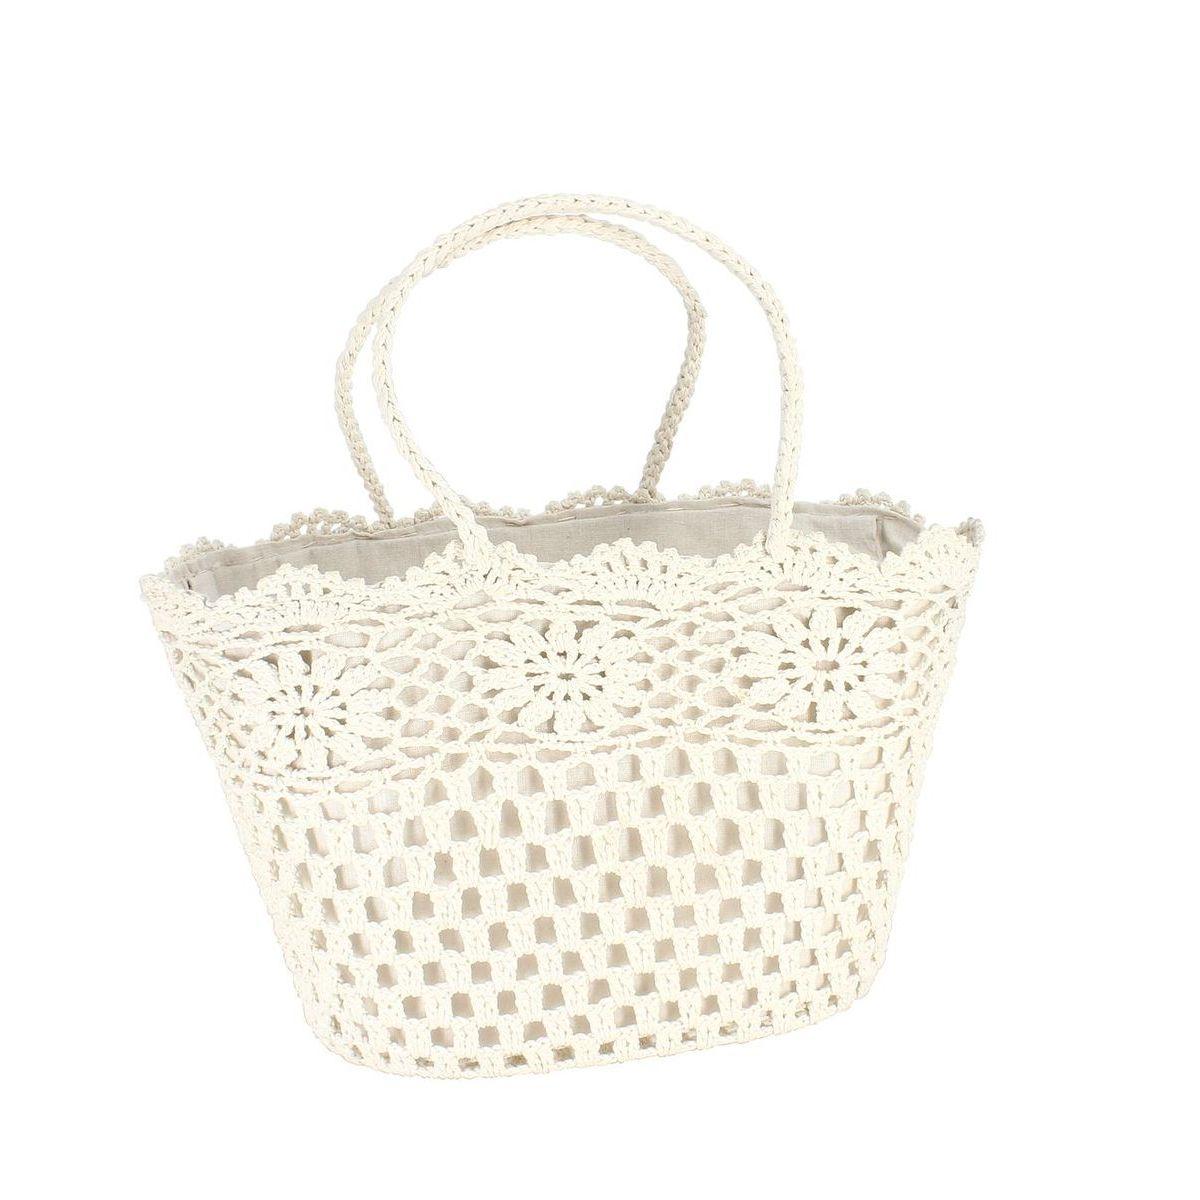 Panier en crochet souple blanc